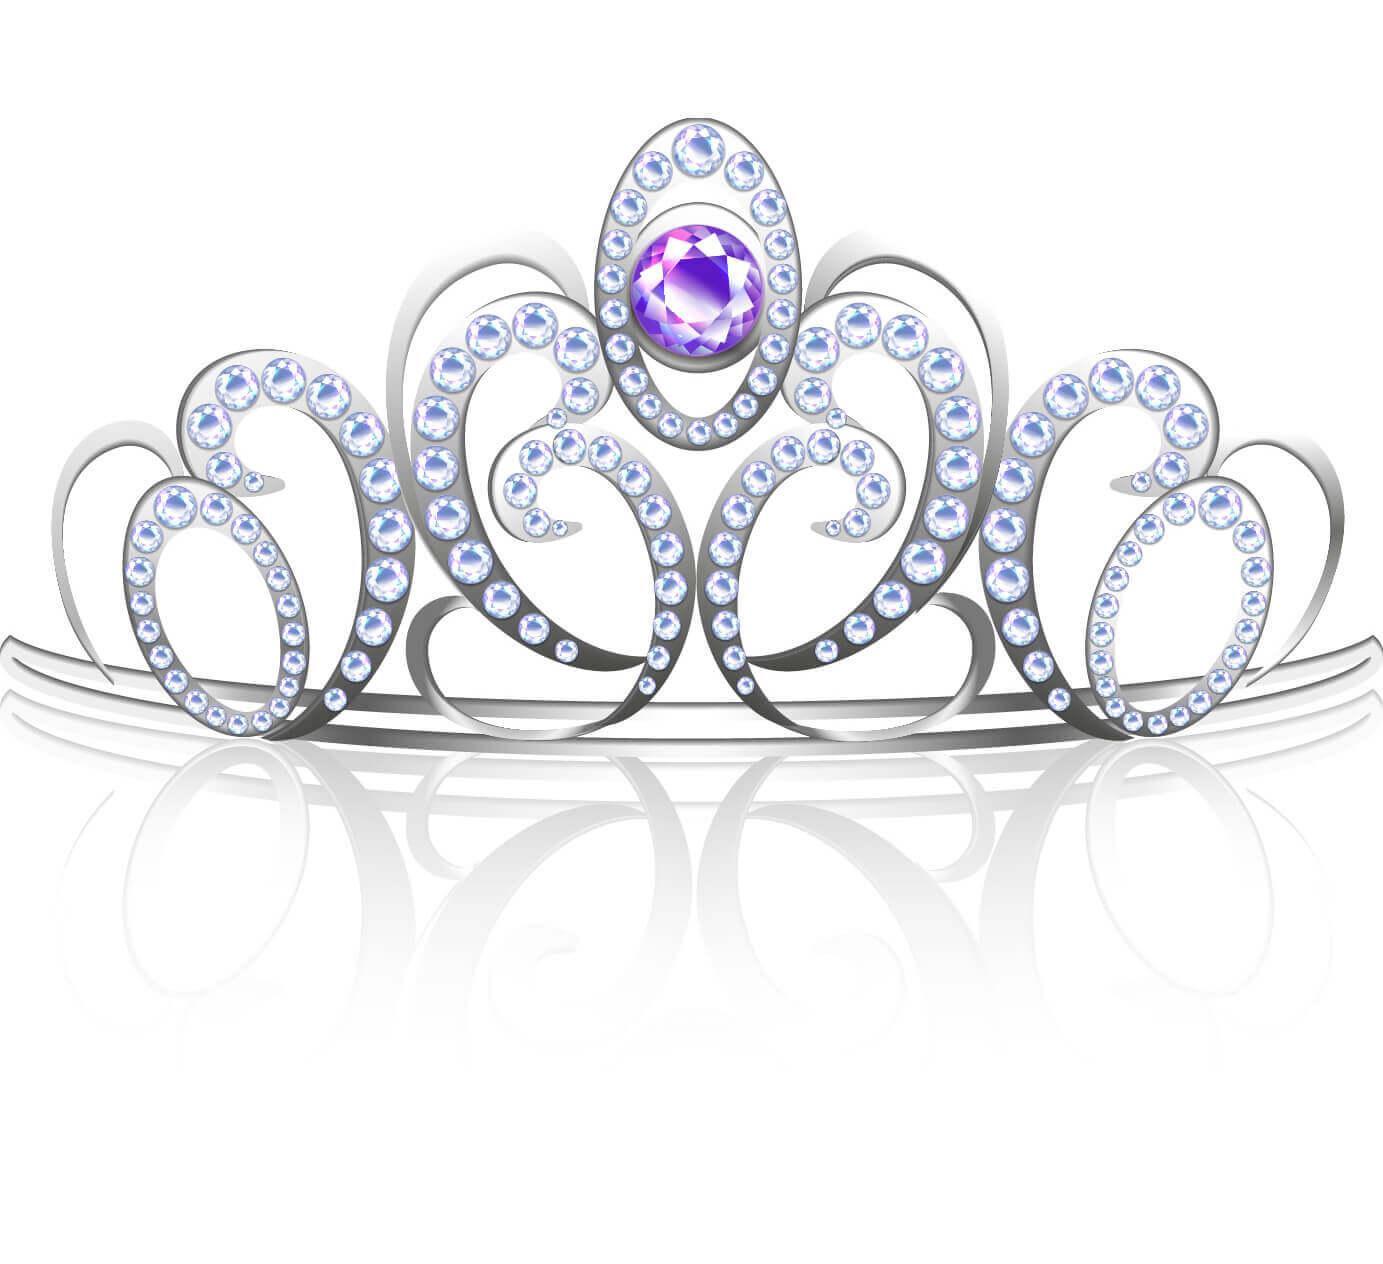 El cuento la princesa busca marido nos muestra una interesante reflexión